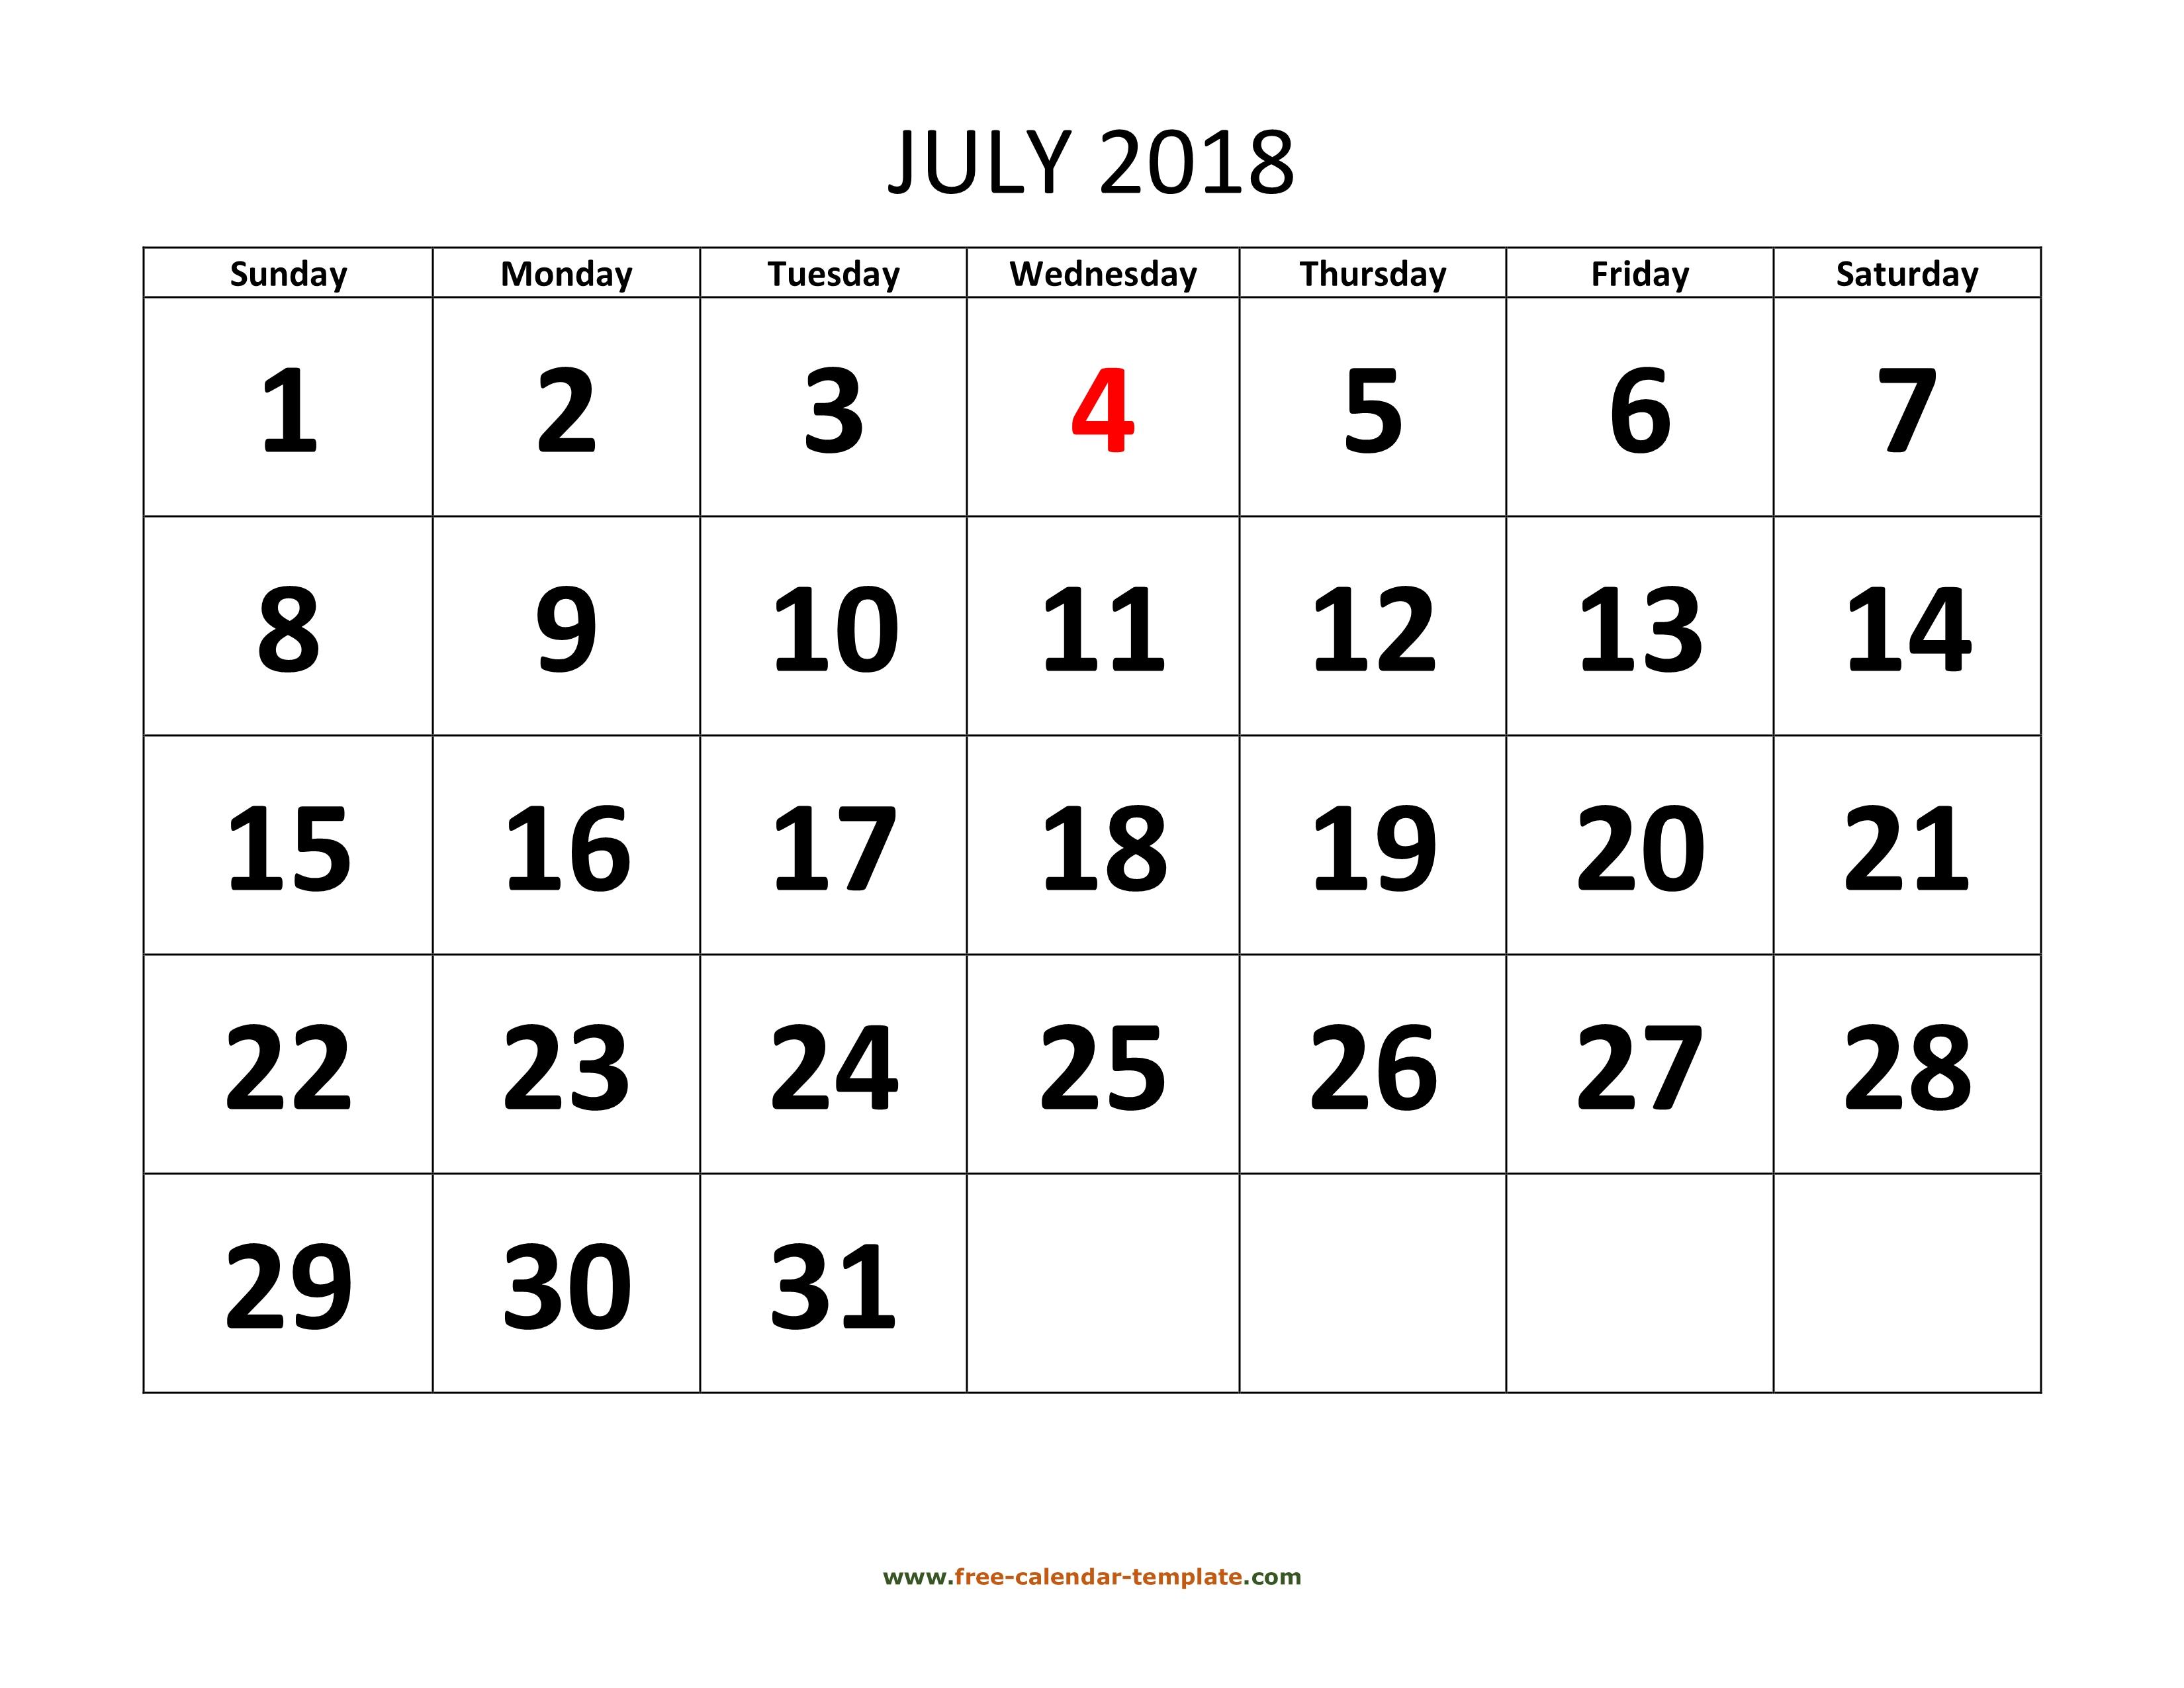 July 2018 free calendar tempplate free calendar template maxwellsz